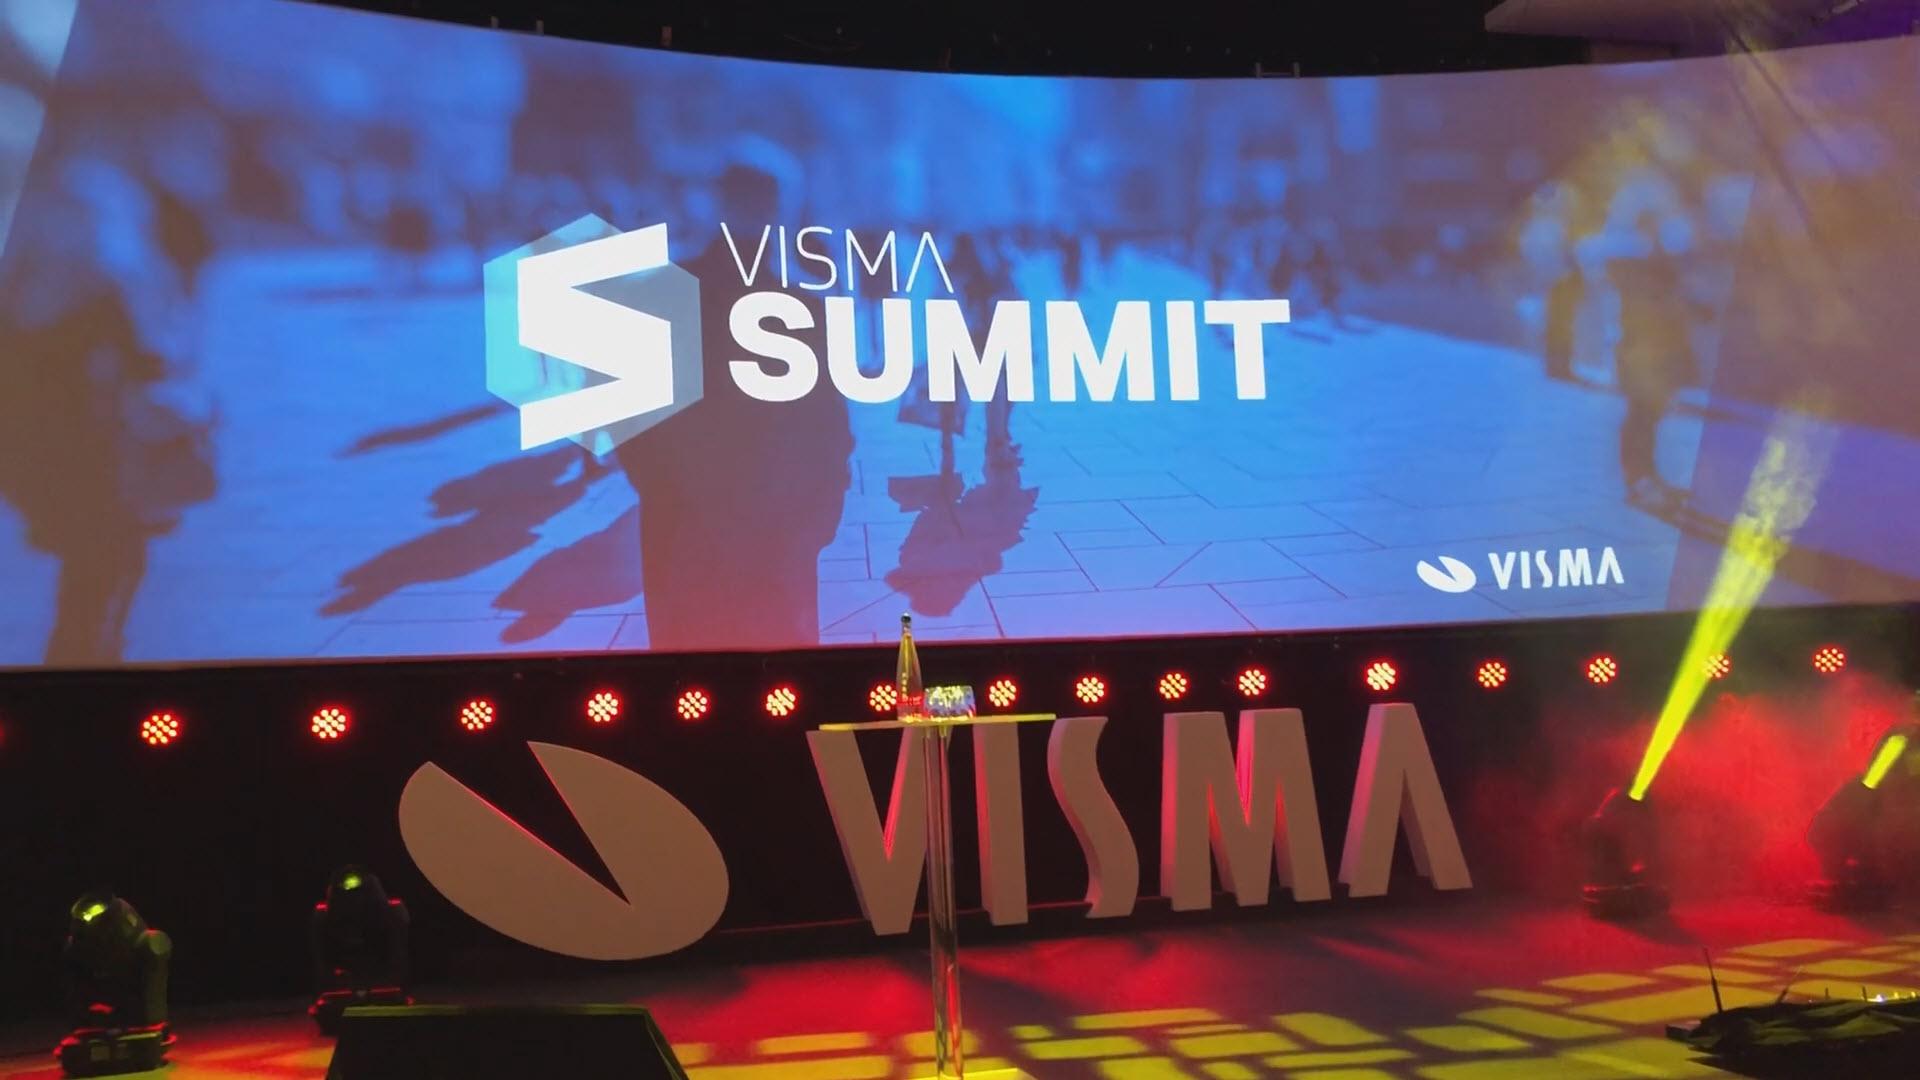 VISMA-SUMMIT-2018